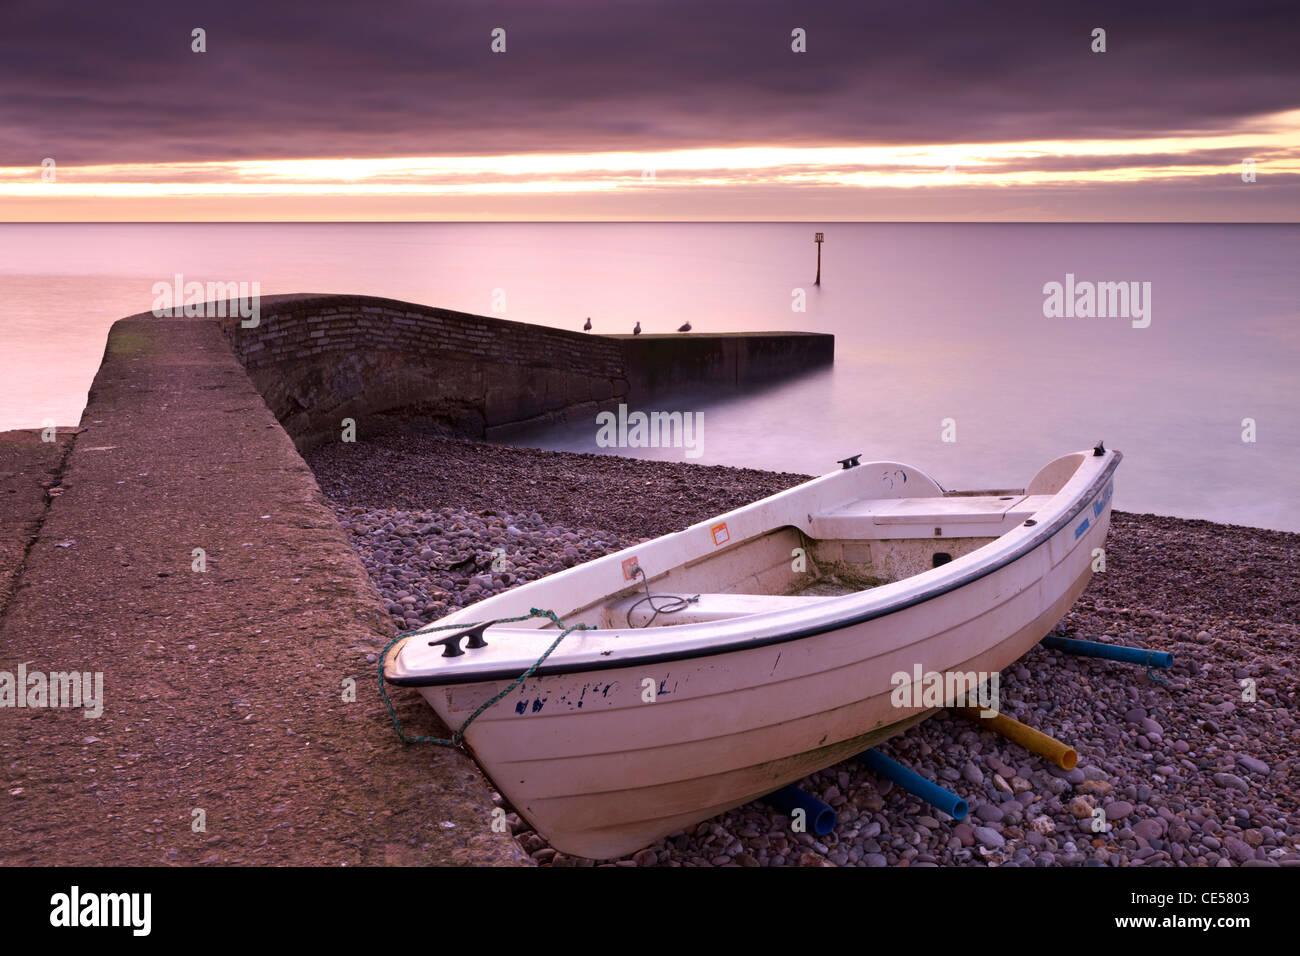 Angelboot/Fischerboot am Strand von Sidmouth Dawn, Sidmouth, Devon, England. Winter (Januar) 2012. Stockbild